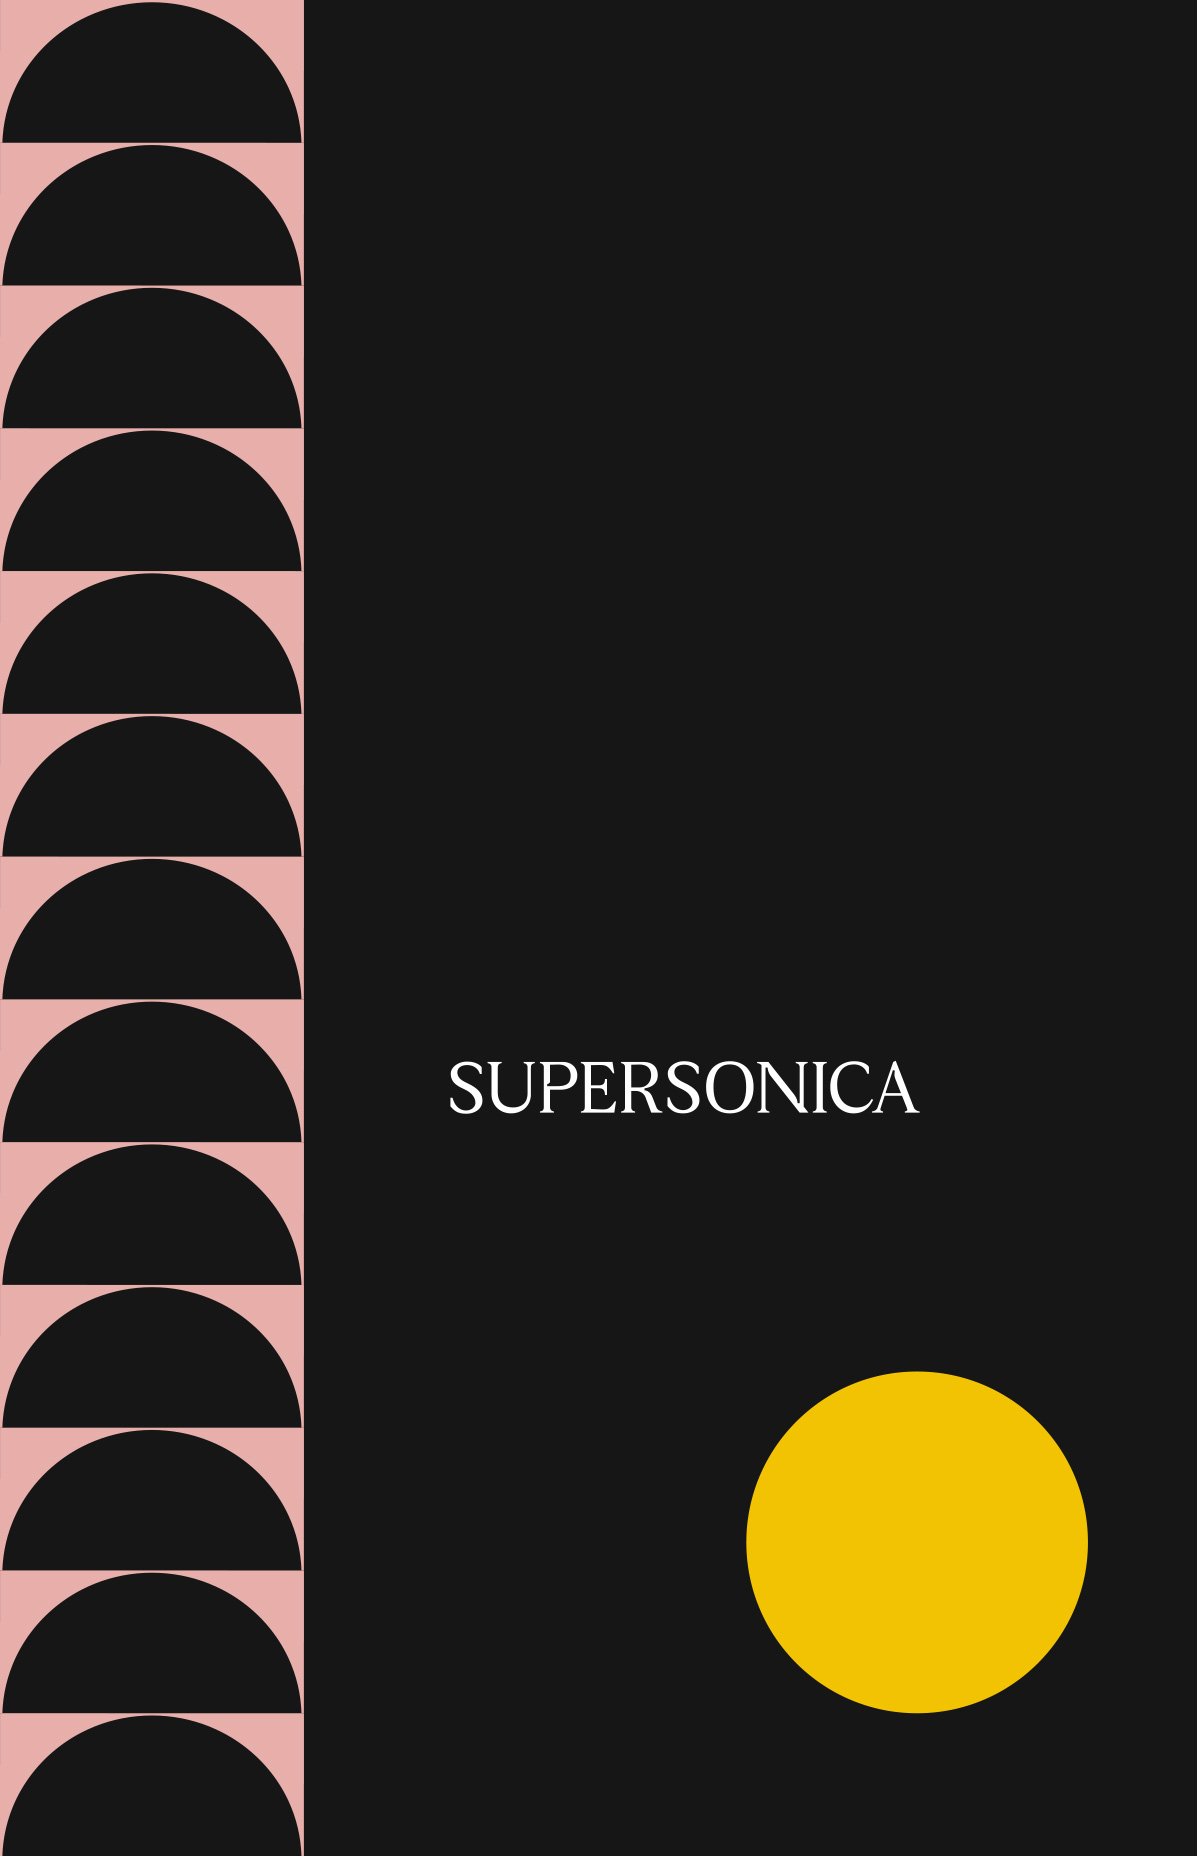 SUPERSONICA_cartaz_preto